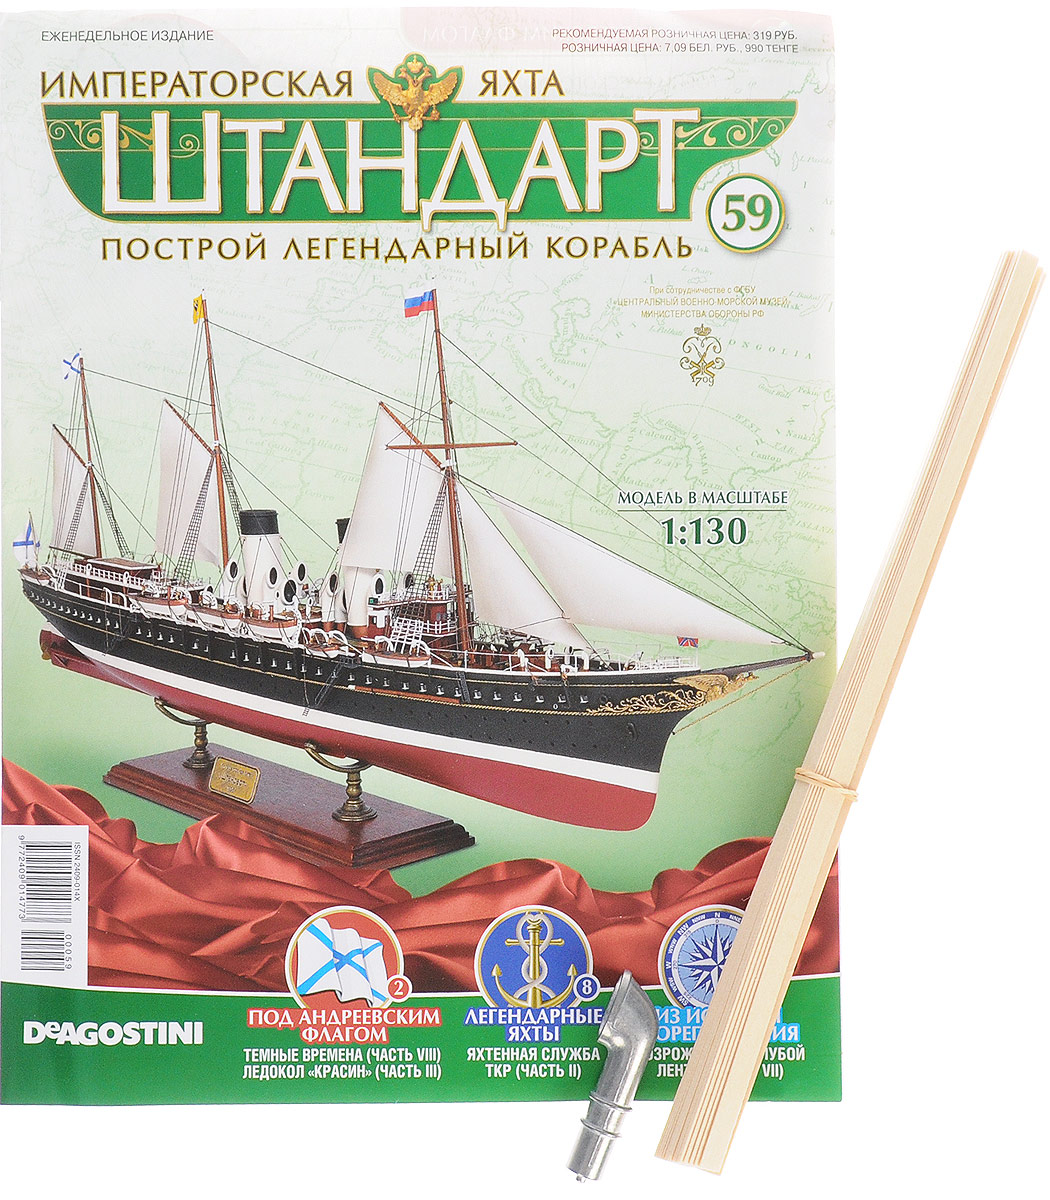 Журнал Императорская яхтаШТАНДАРТ №59